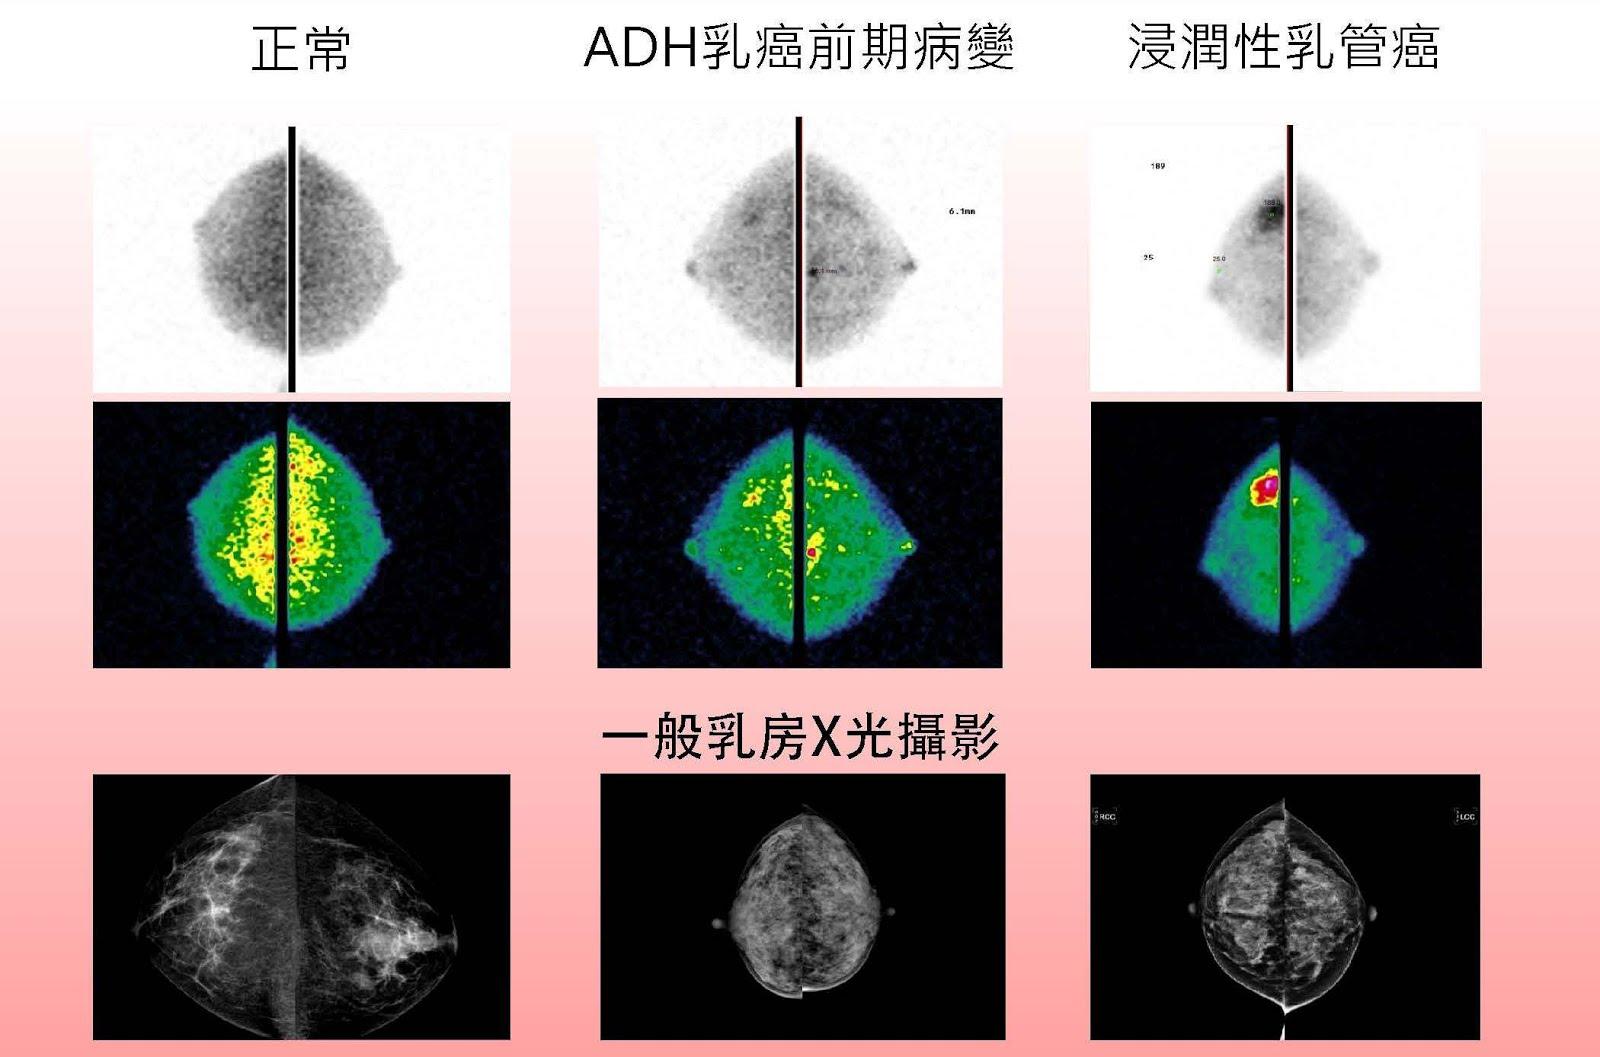 次世代乳癌檢測利器(乳房分子影像MBI)